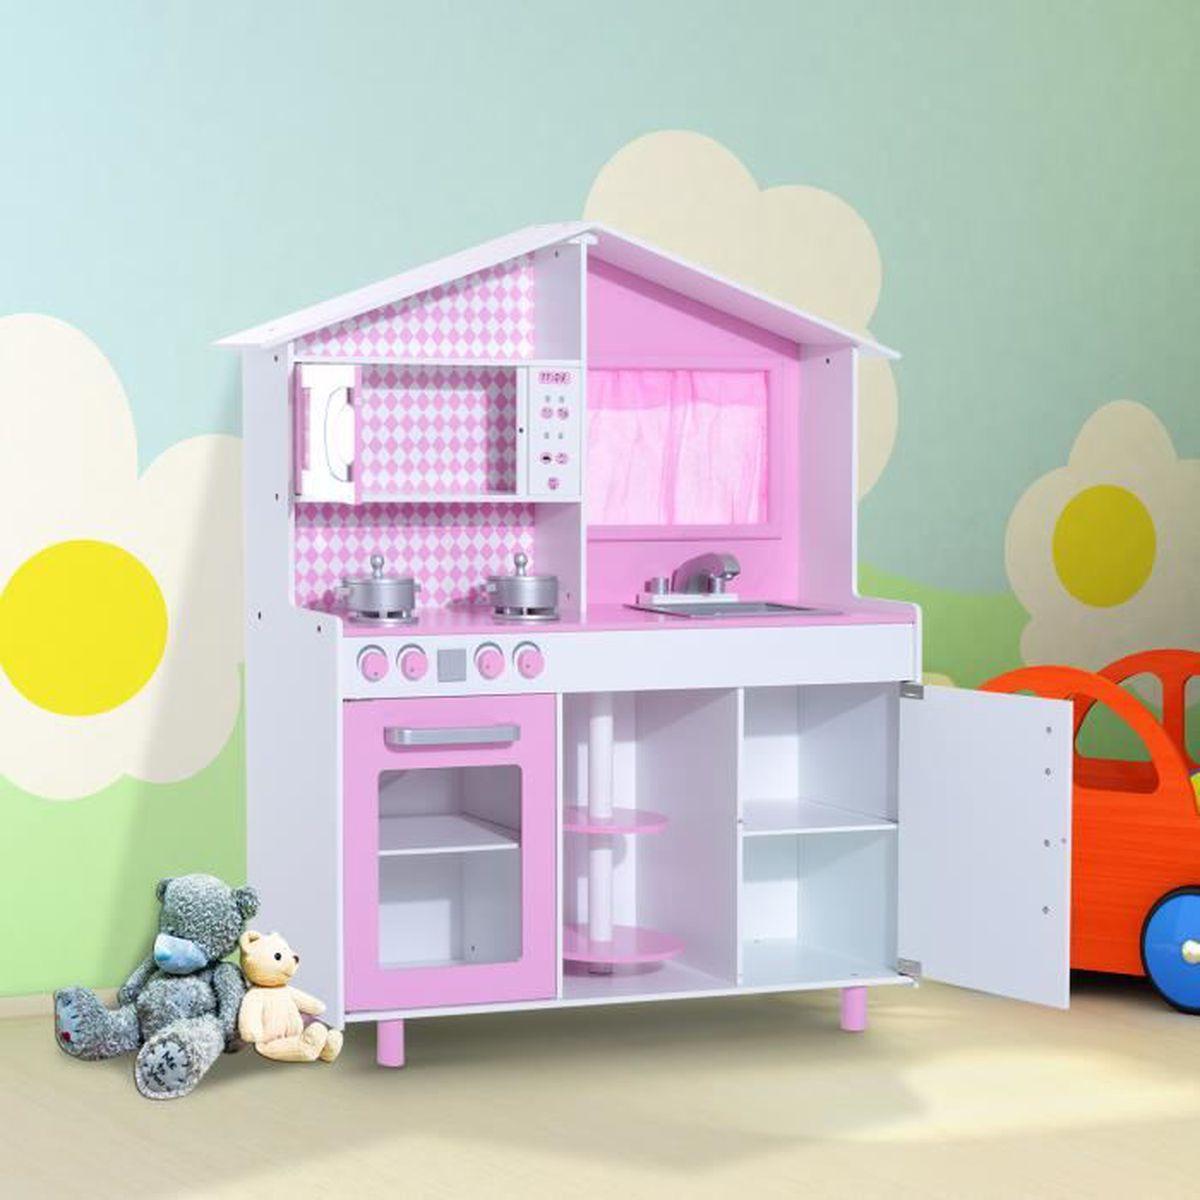 Cuisine en bois pour enfant plus de 3 ans jeu d imitation for Jeu de cuisine pour enfant